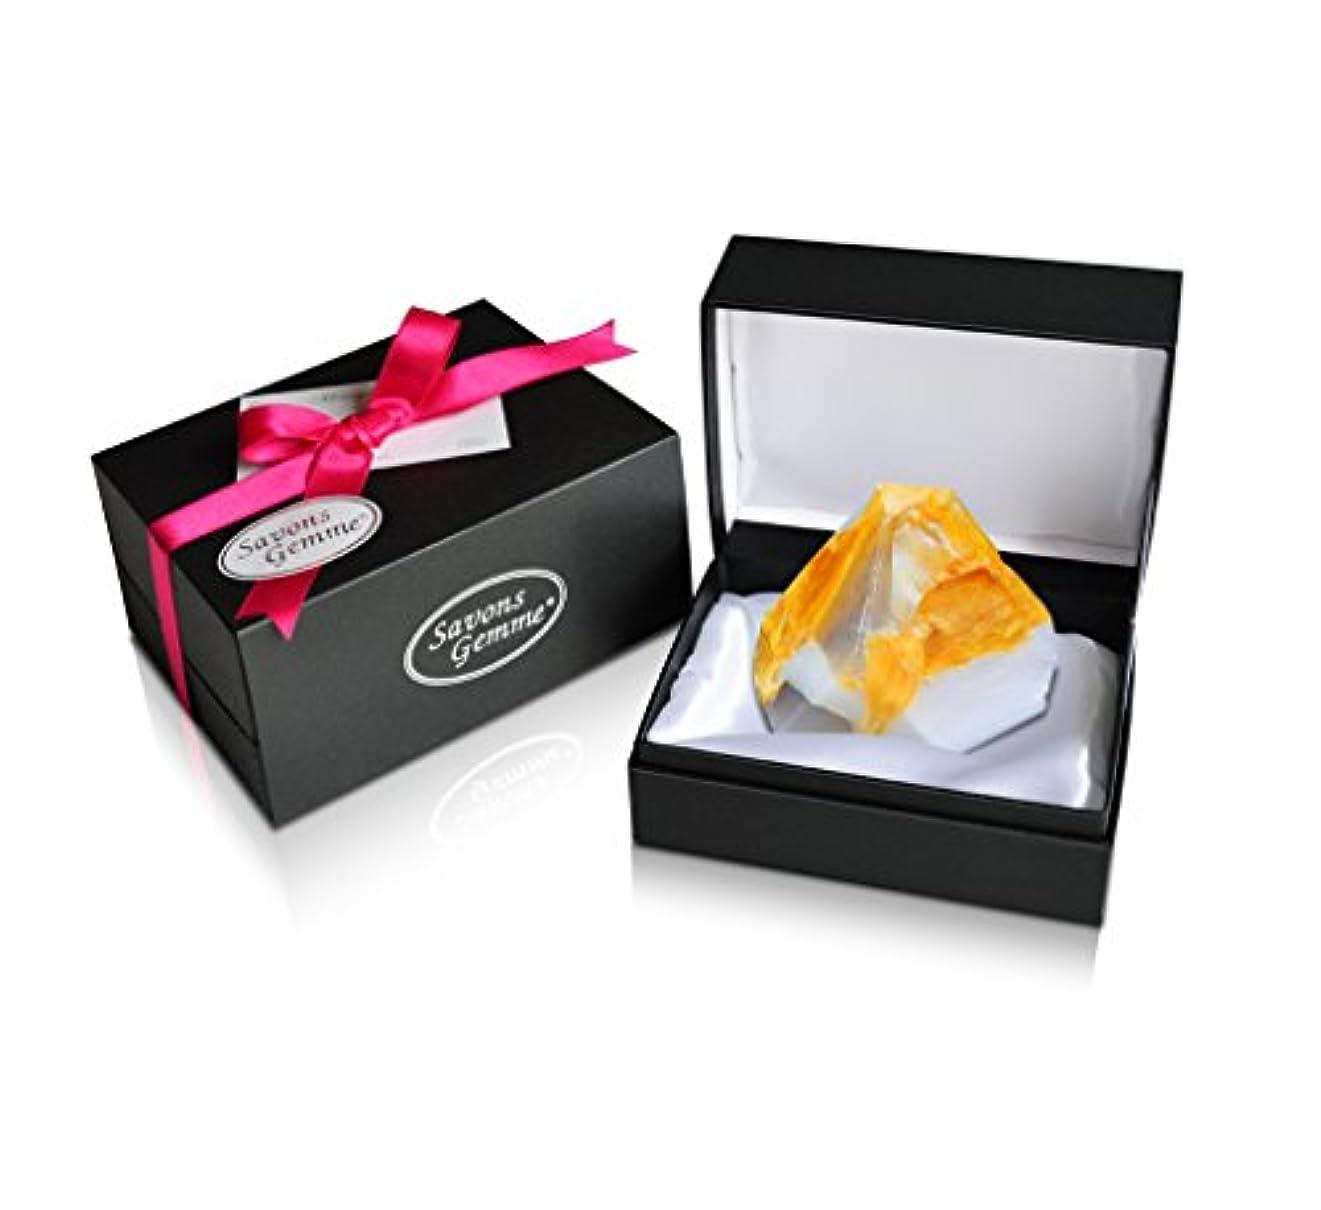 調査後継卵Savons Gemme サボンジェム ジュエリーギフトボックス 世界で一番美しい宝石石鹸 フレグランス ソープ 宝石箱のようなラグジュアリー感を演出 アルバトールオリエンタル 170g 【日本総代理店品】